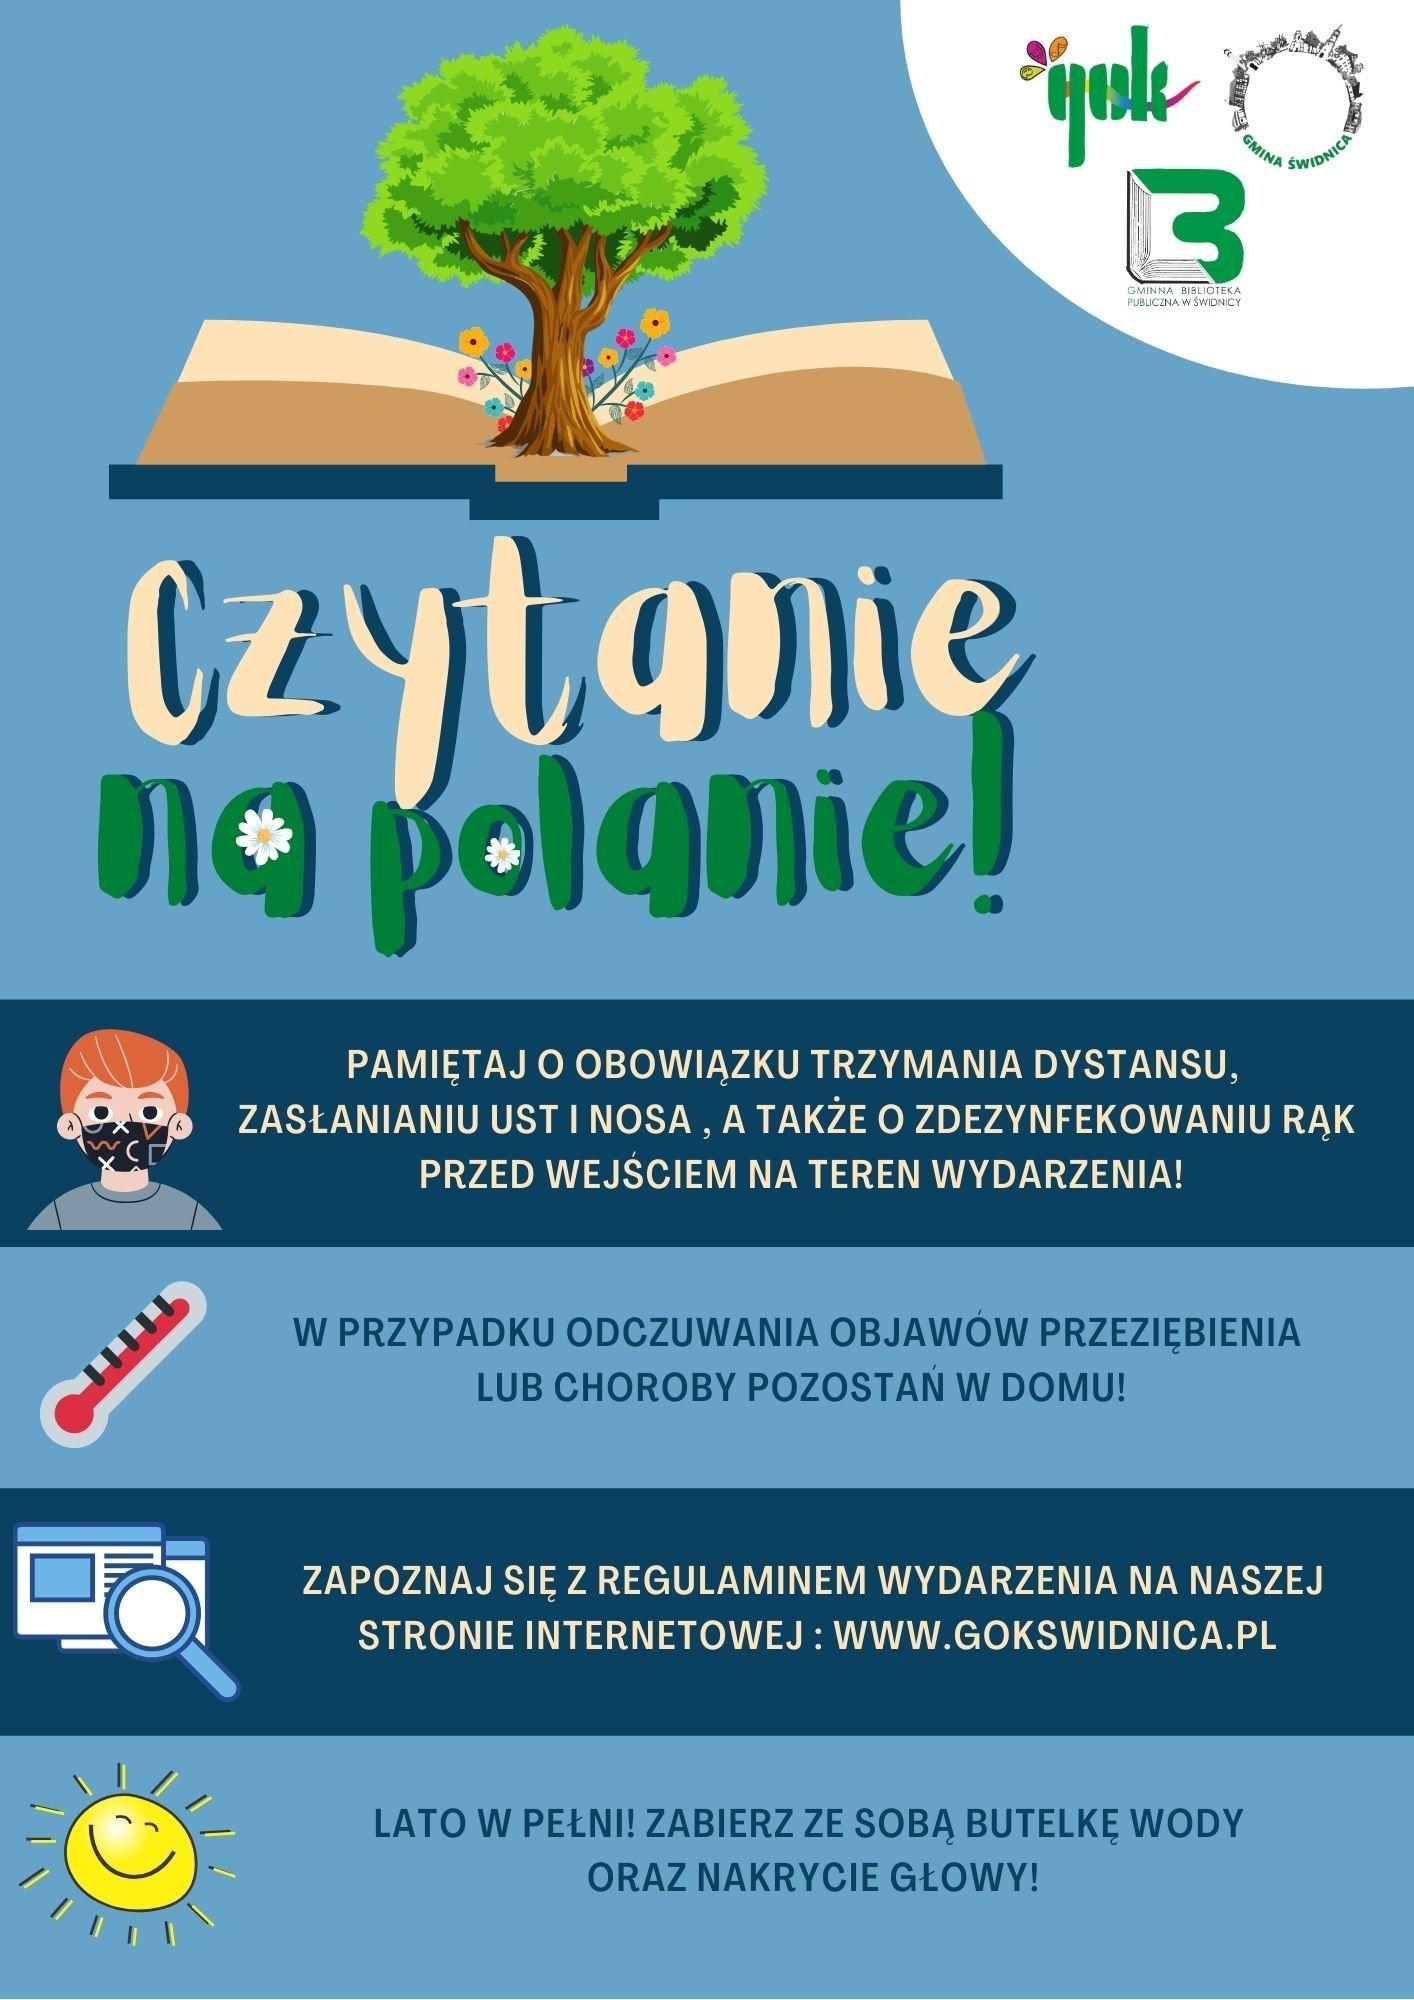 Czyta (5)